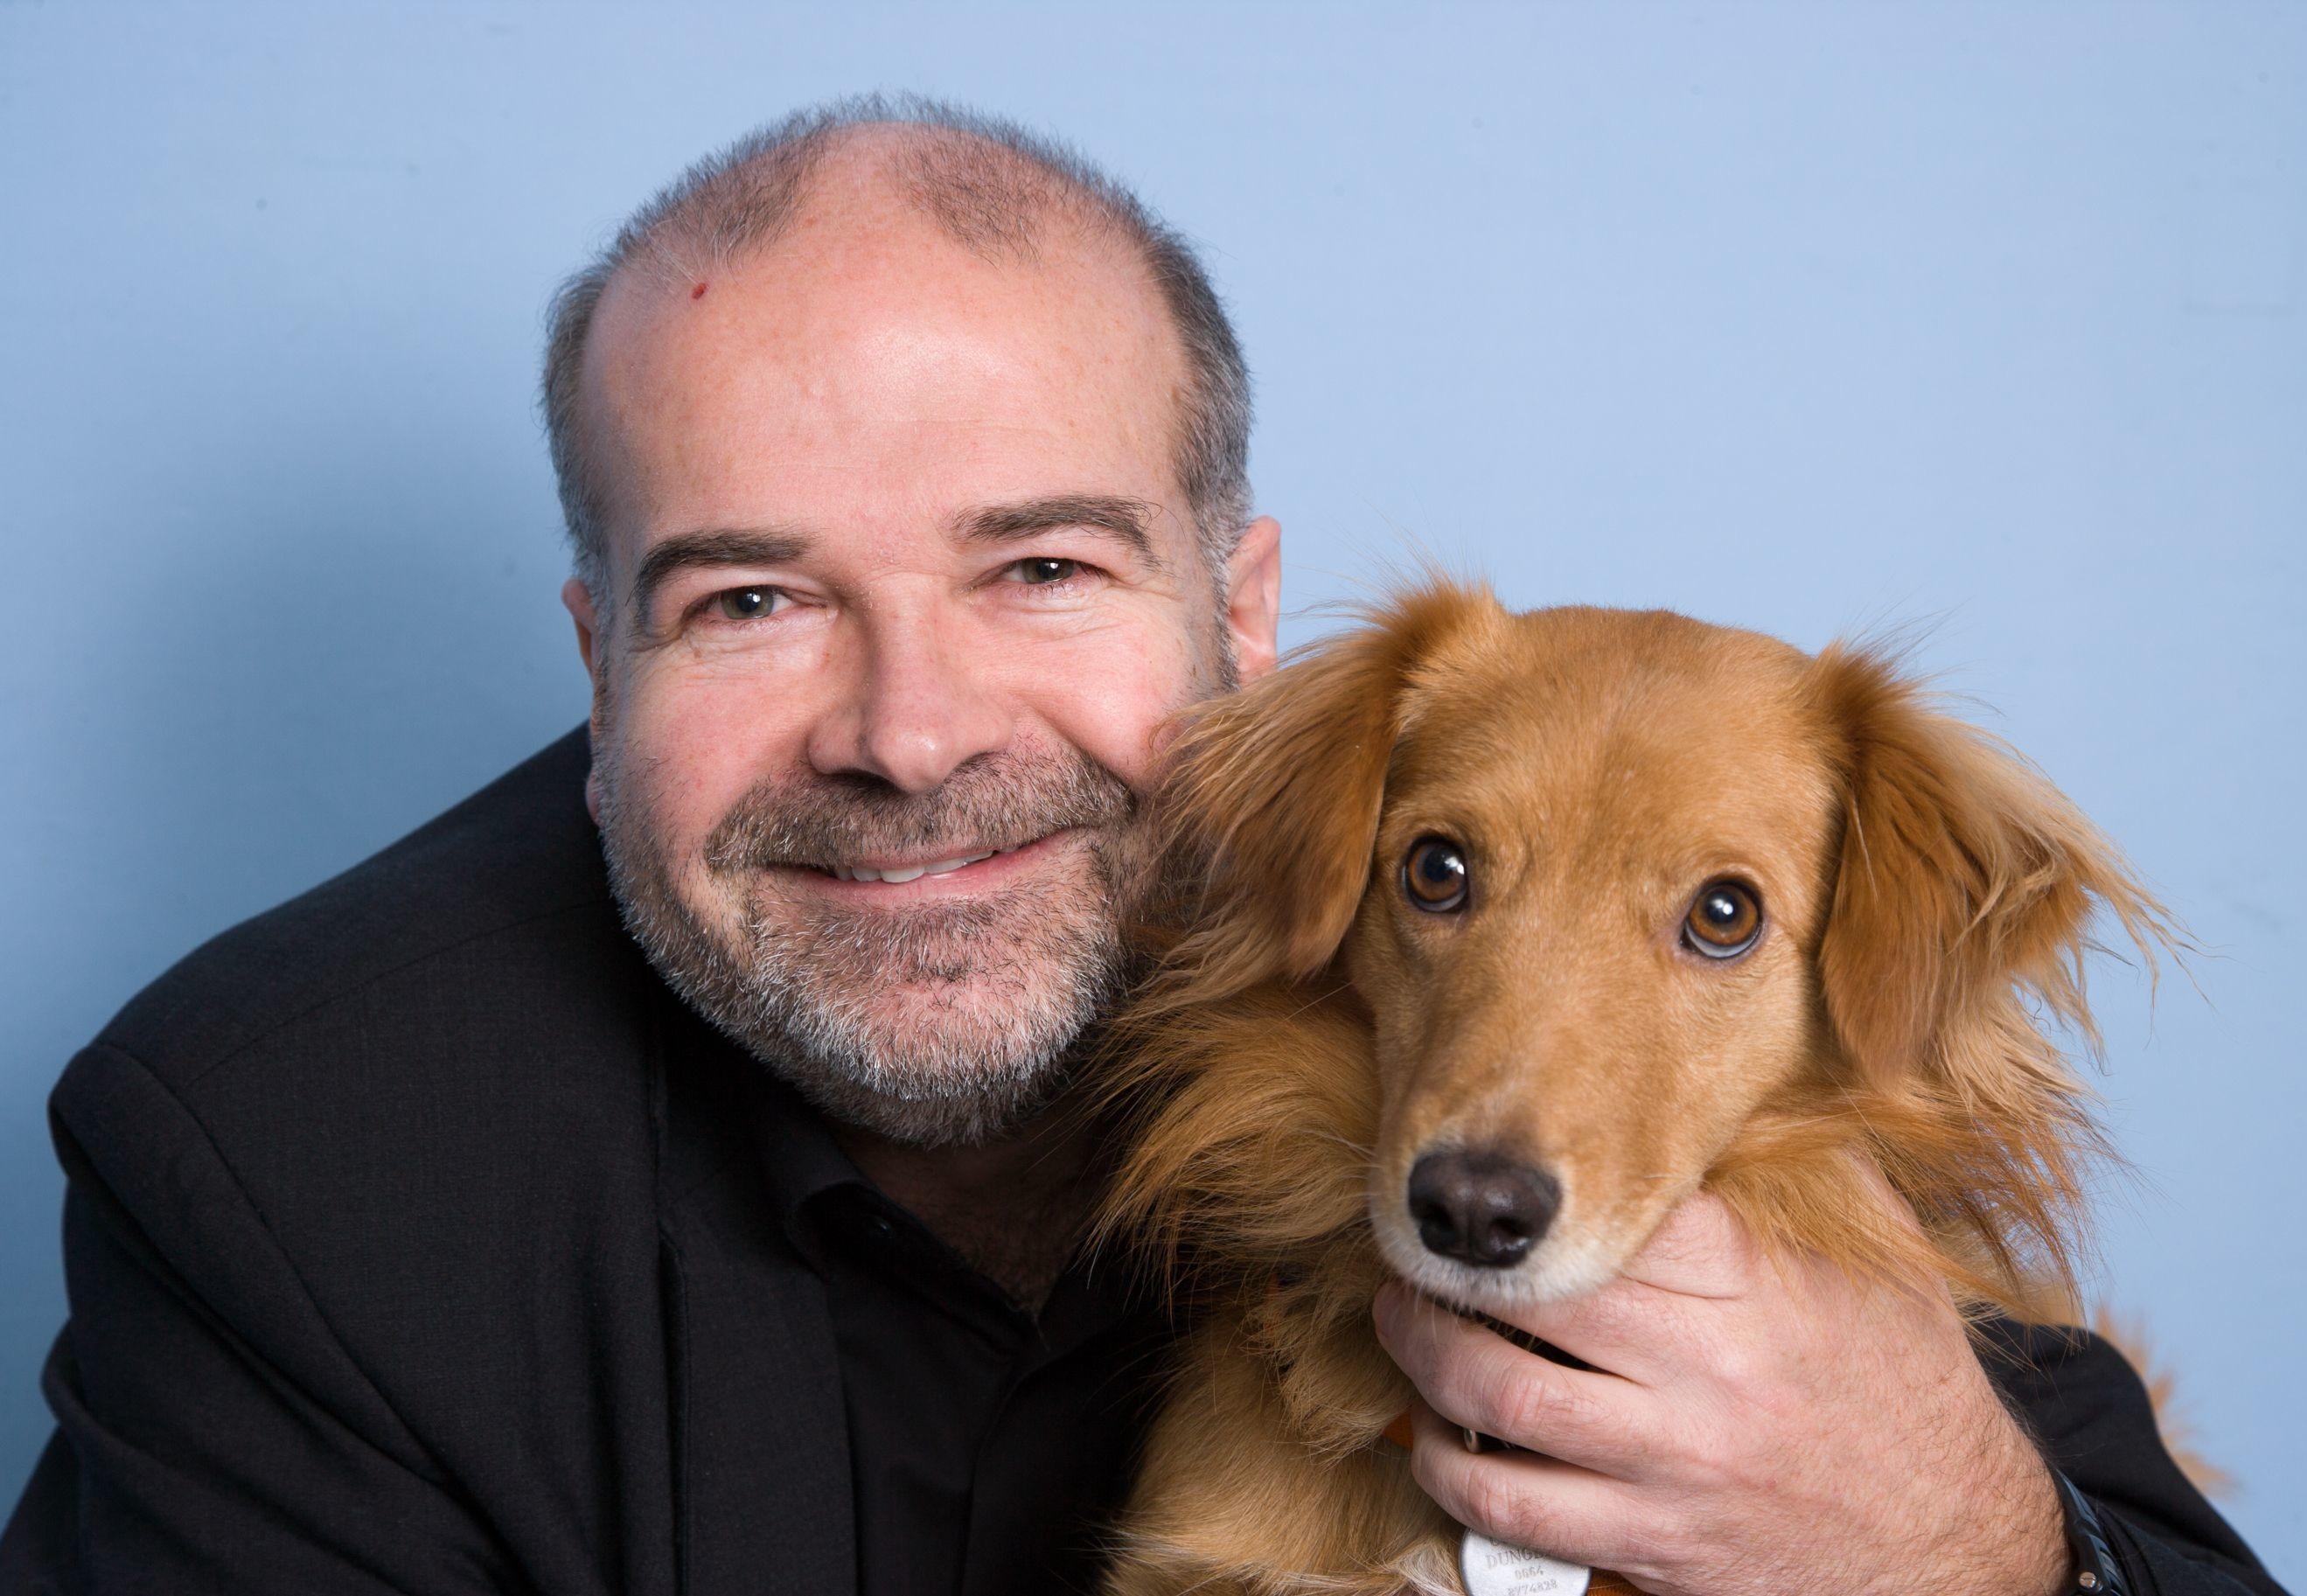 Helmut Dungler mit seinem Hund